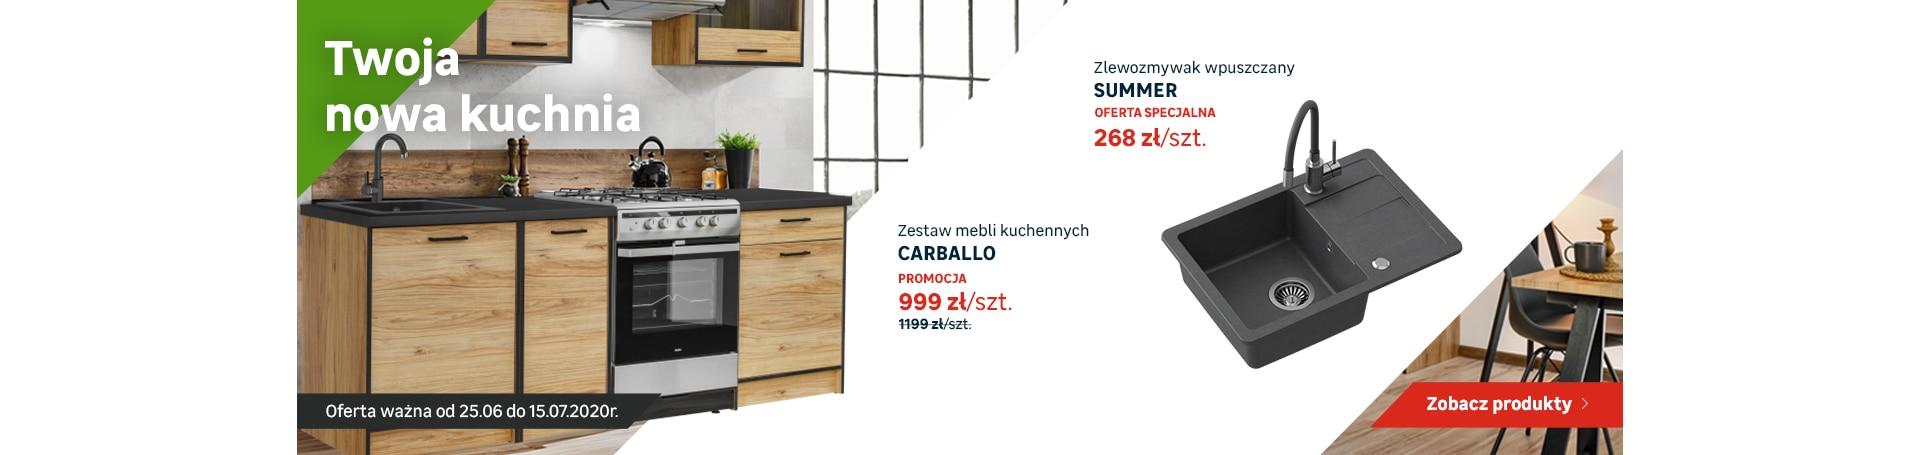 rr-kuchnia-25.06-6.07.2020-1323x455